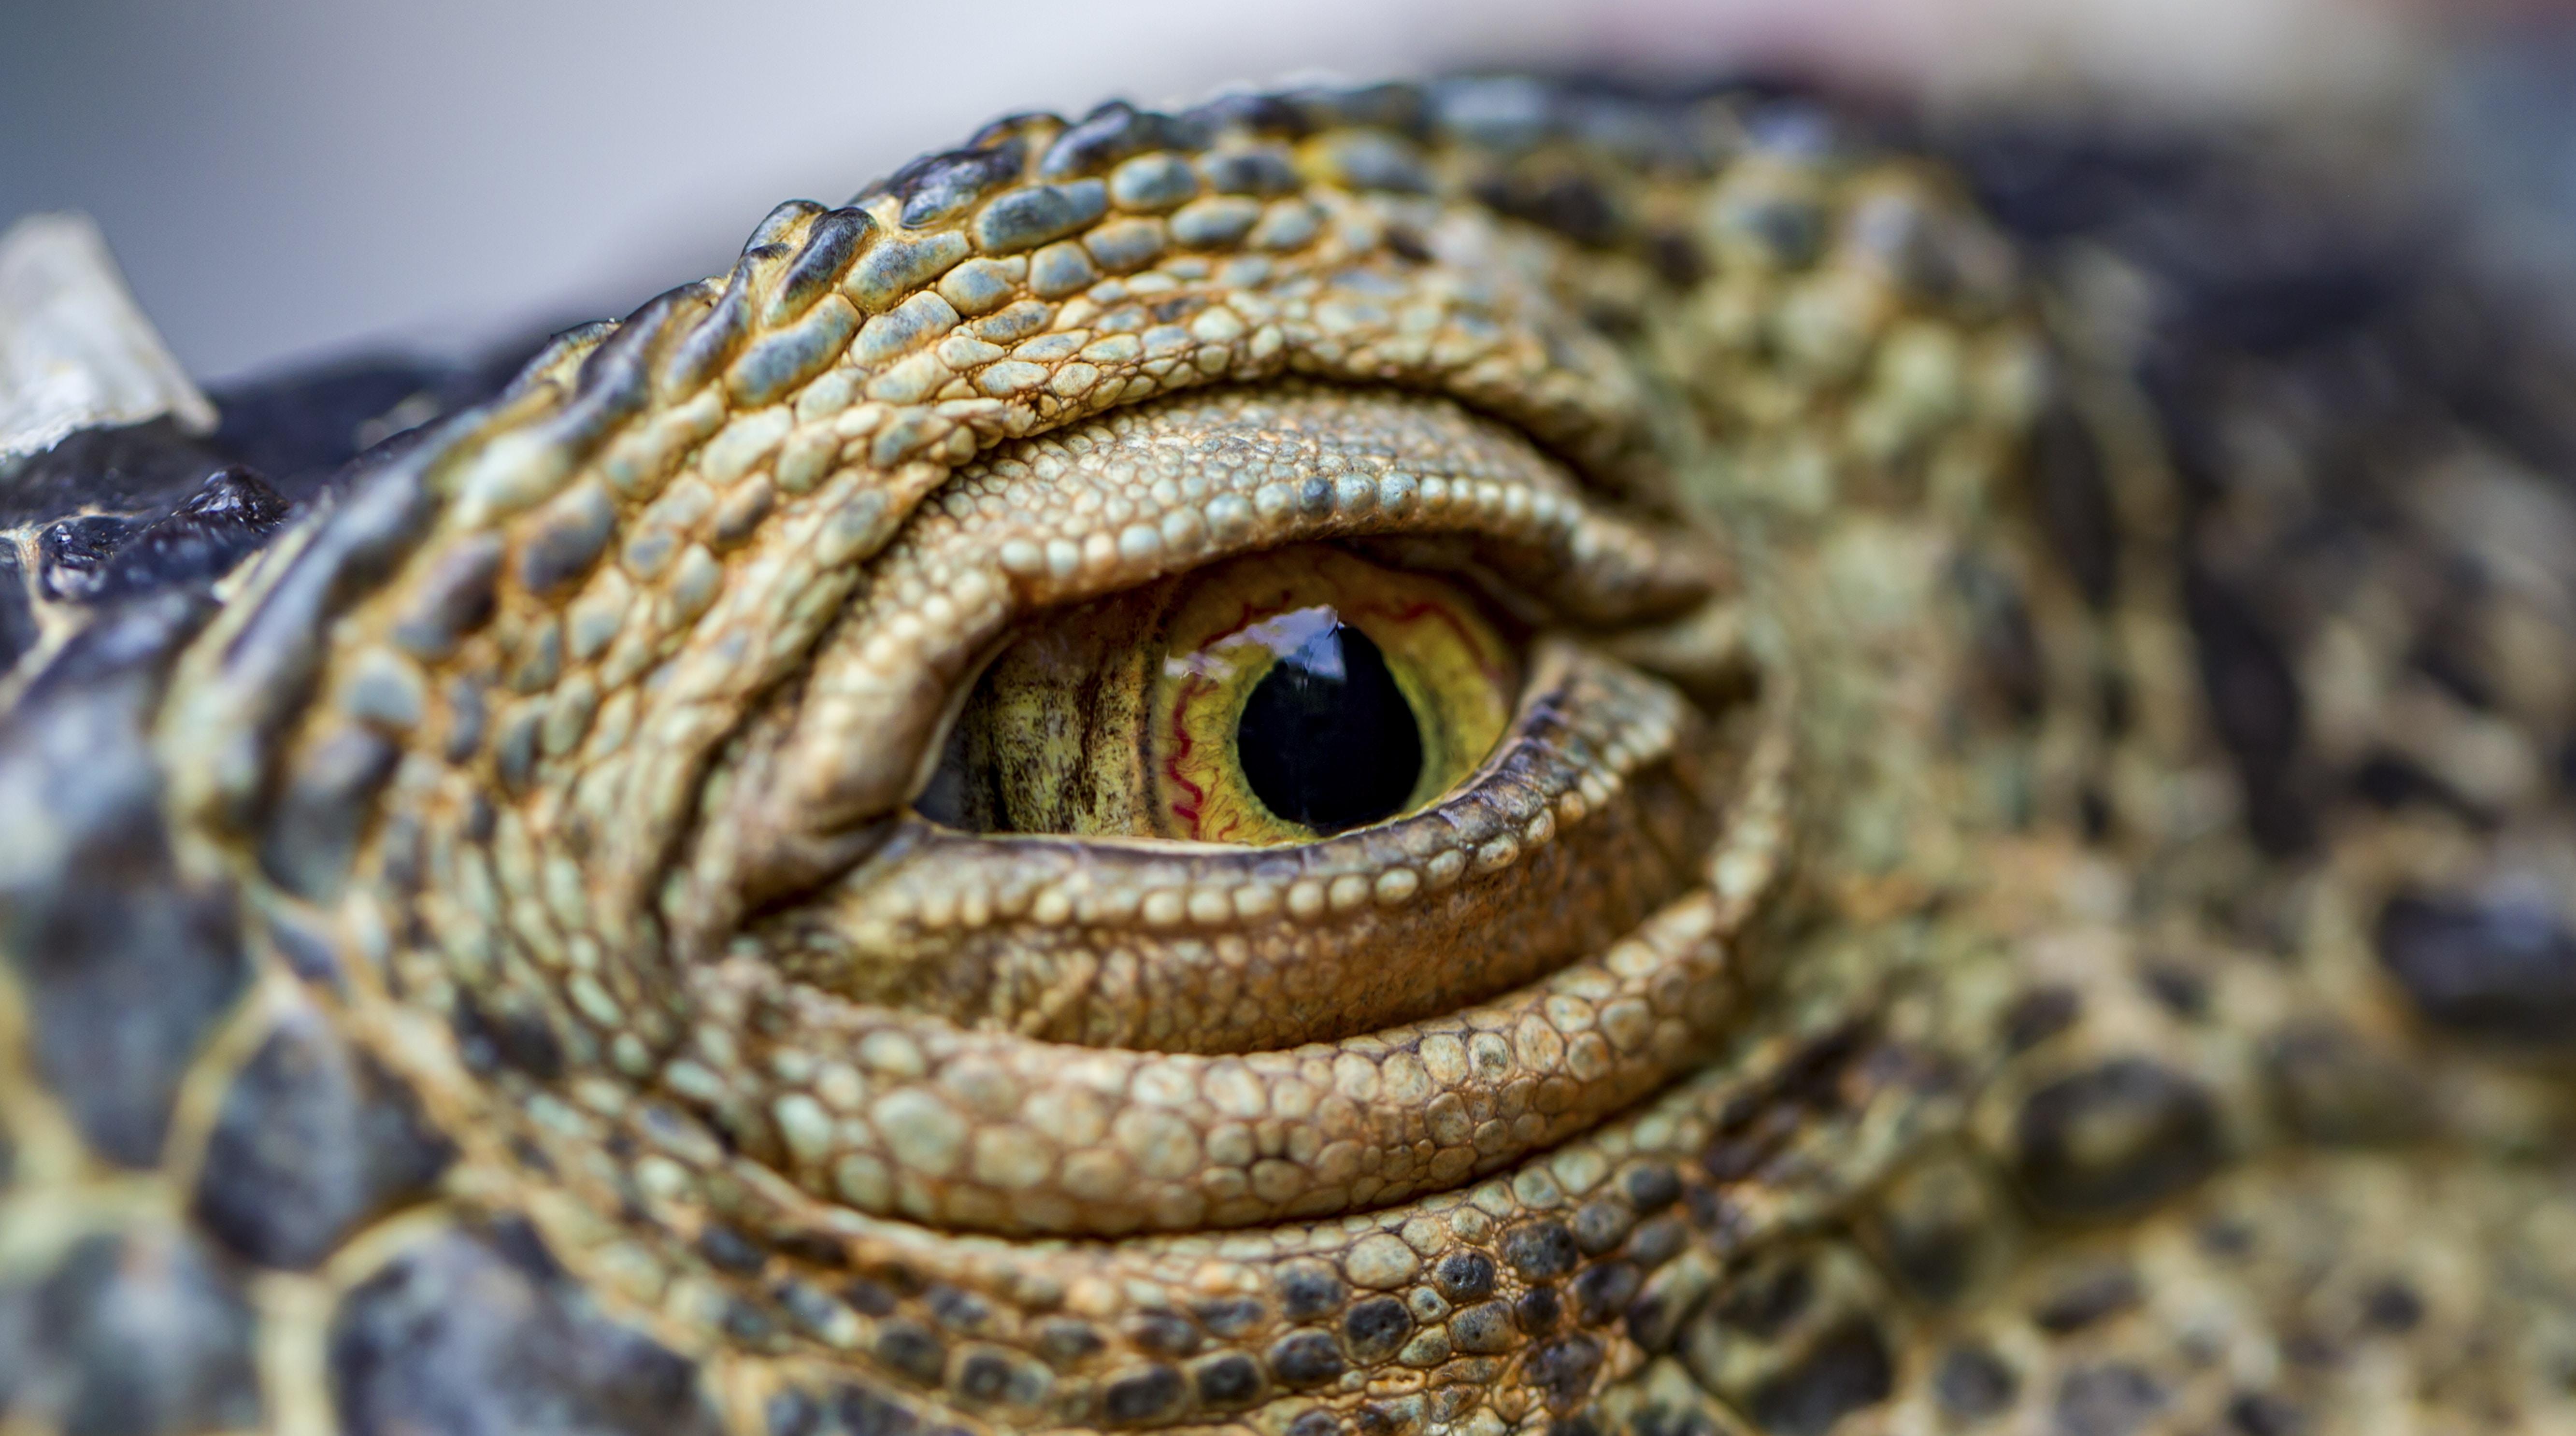 selective focus photo of crocodile eye